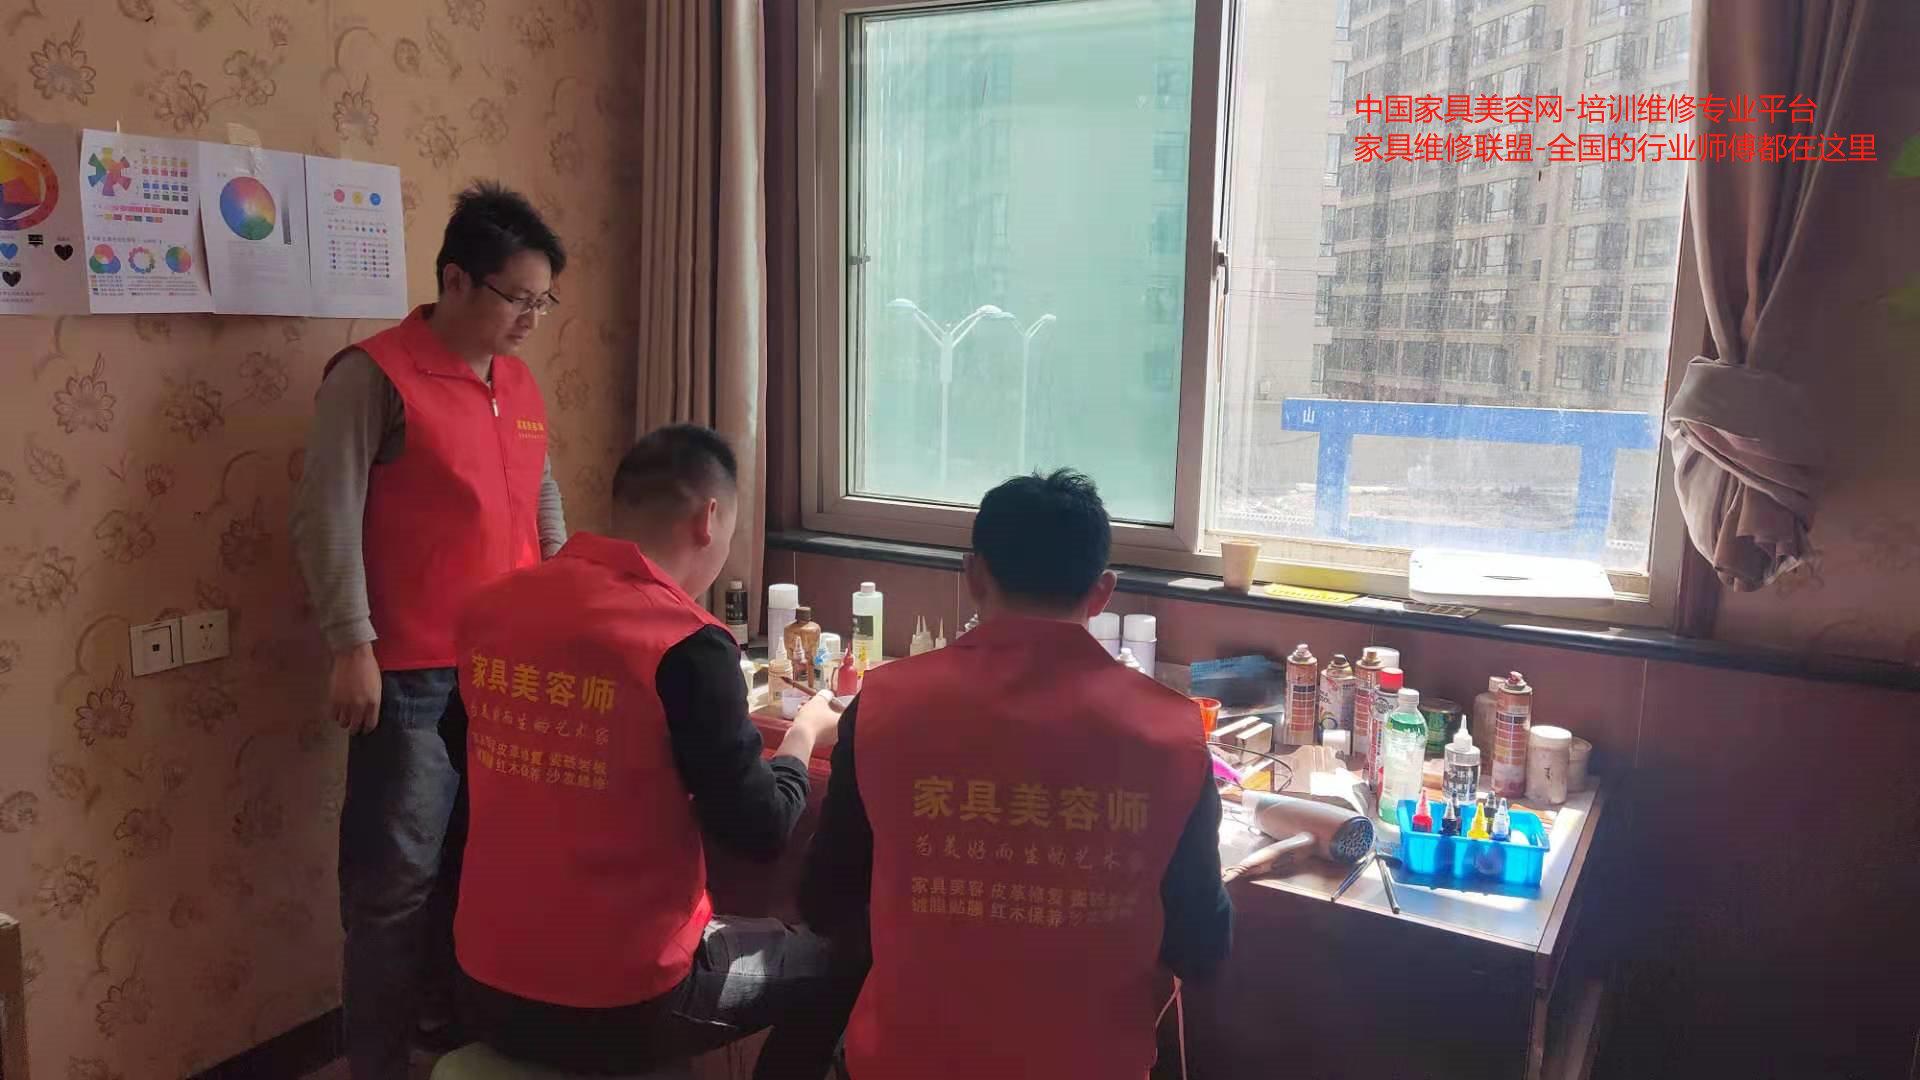 """东方红家具美容培训机构让""""修家具""""技术,带动13.5万人在就业-家具美容网"""